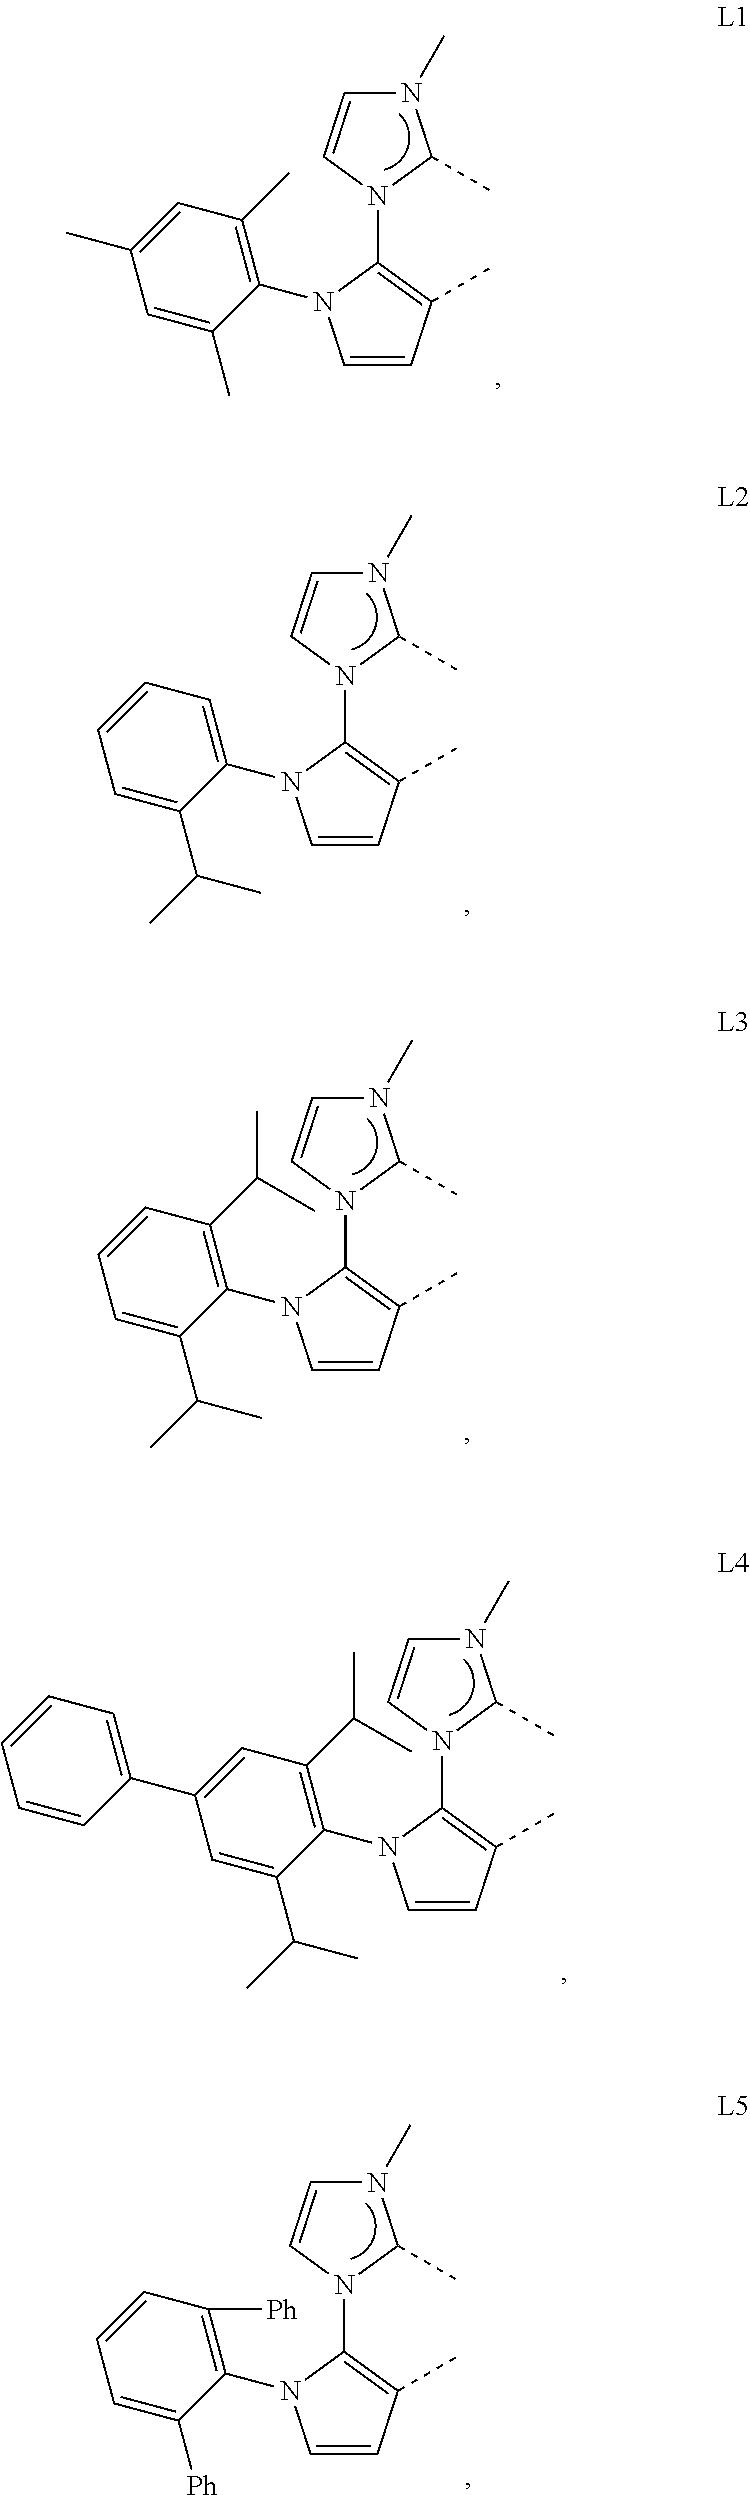 Figure US09935277-20180403-C00005